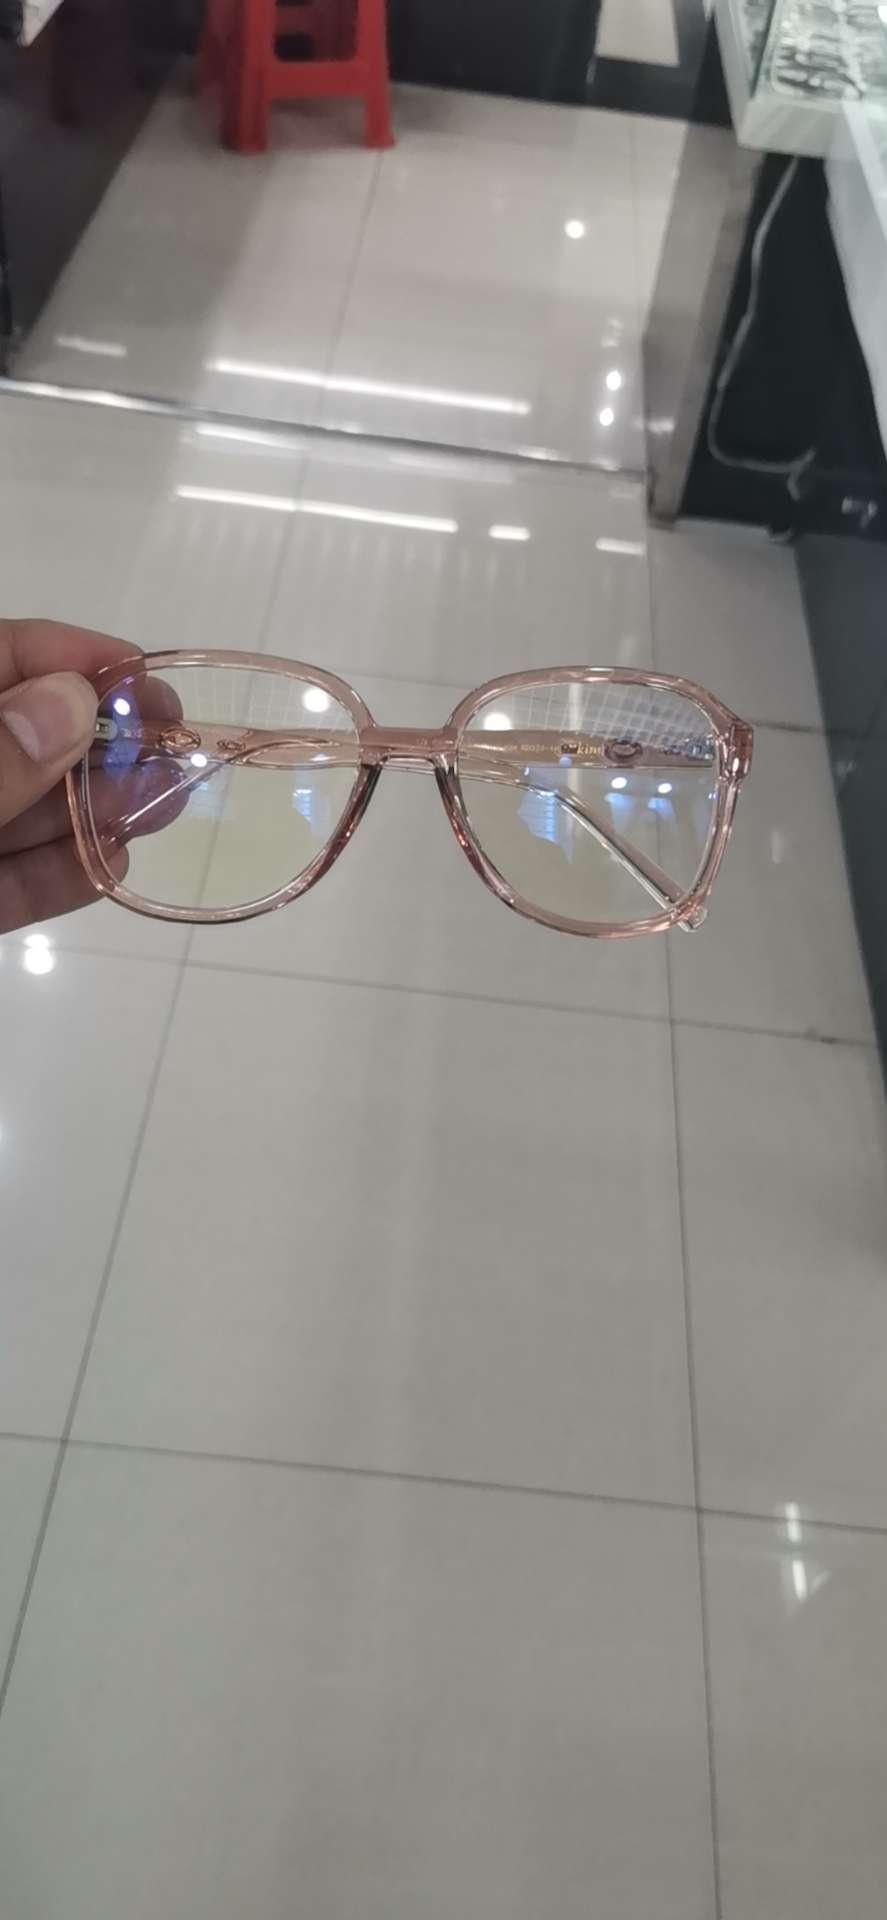 近视眼镜框,平光镜,时尚潮流,百搭,复古,网红款。